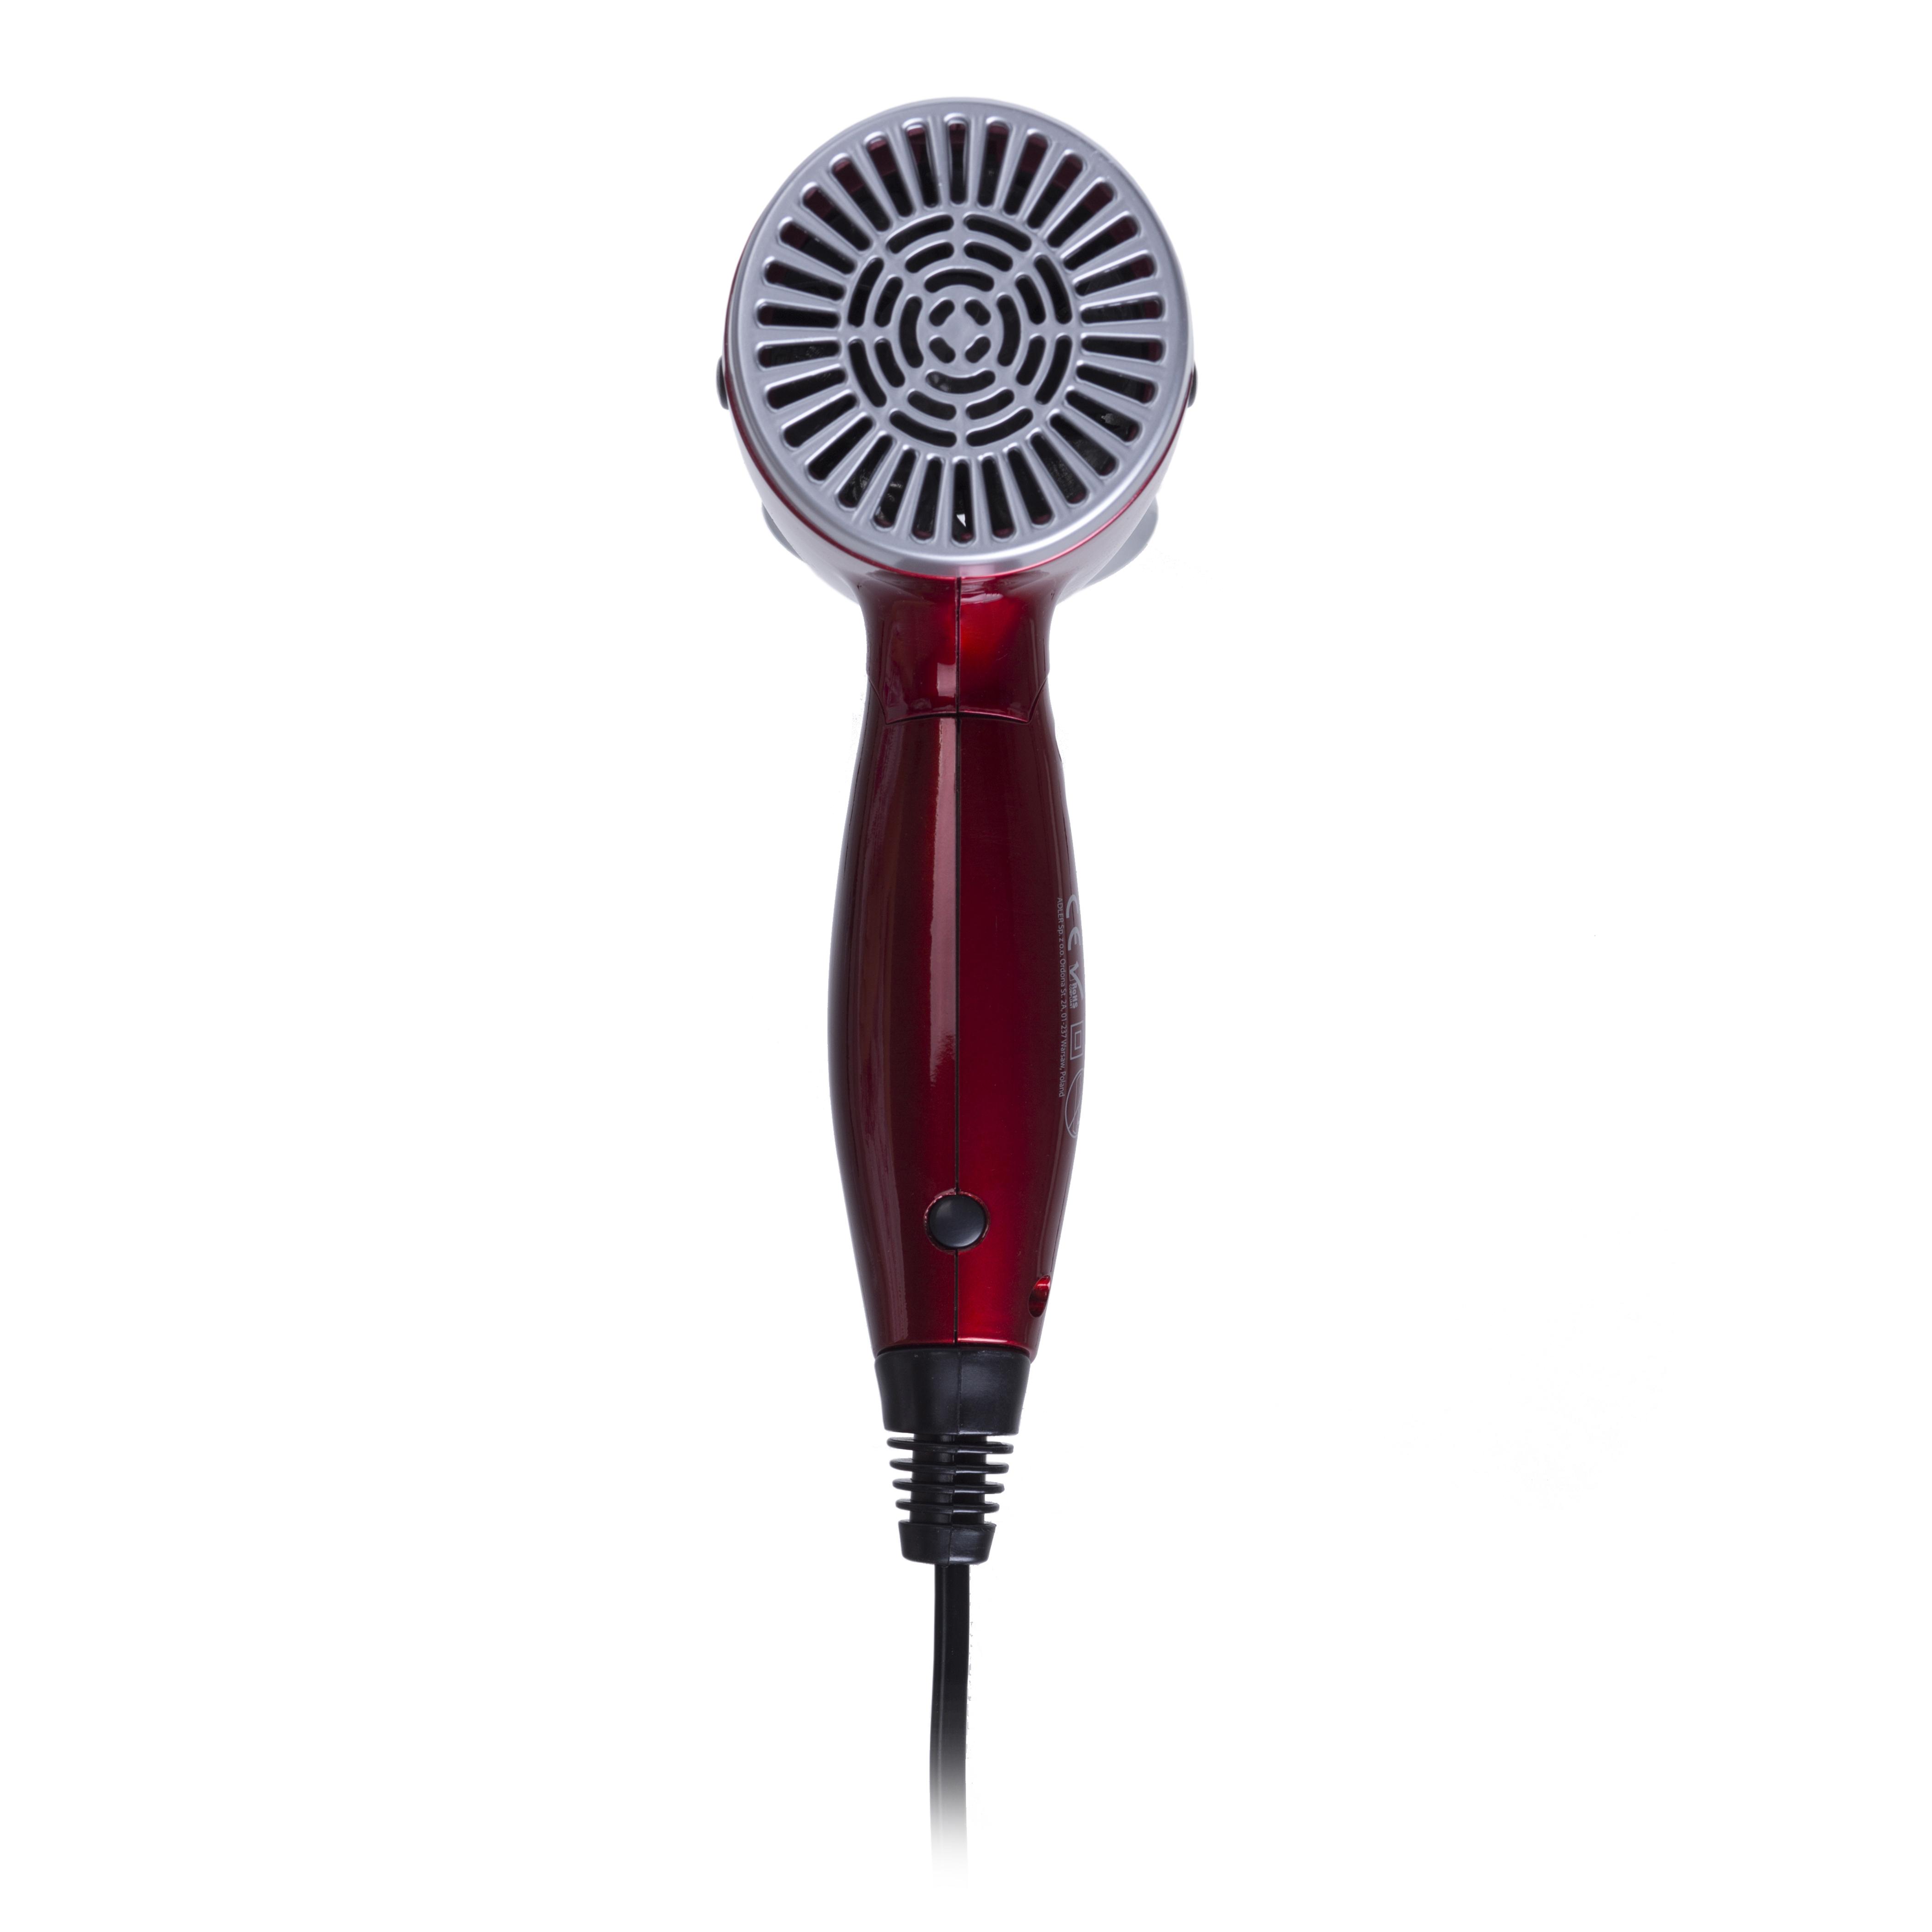 suszarka-do-wlosow-elektryczna-plastikowa-adler-secador-czerwona-1400-w_3.jpg